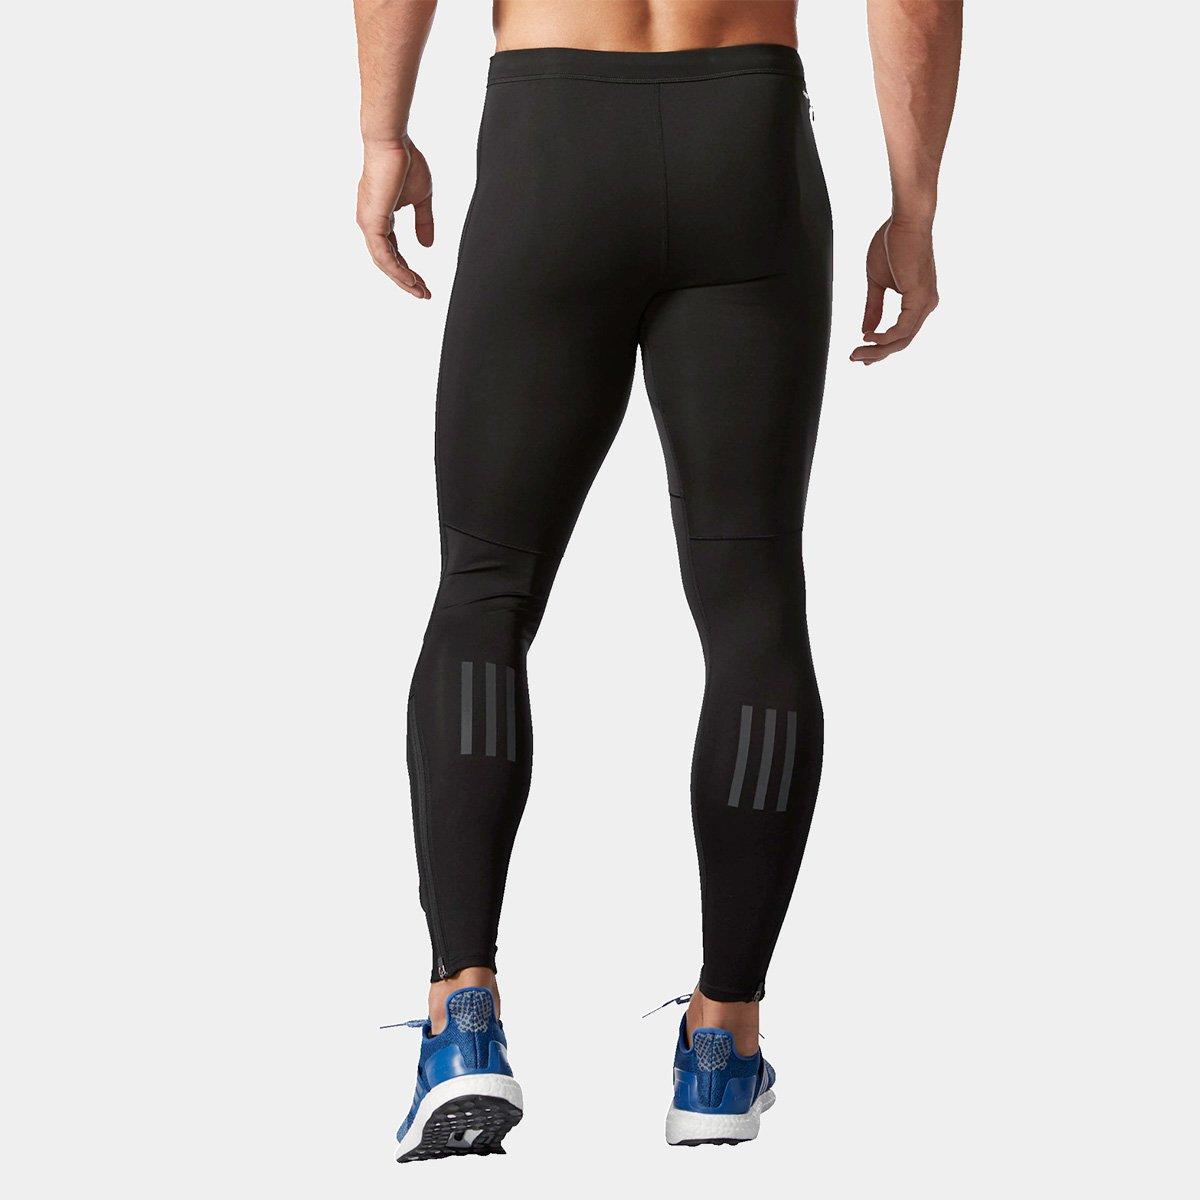 Calça Legging de Compressão Adidas Response - Compre Agora  0ea717b072b5b